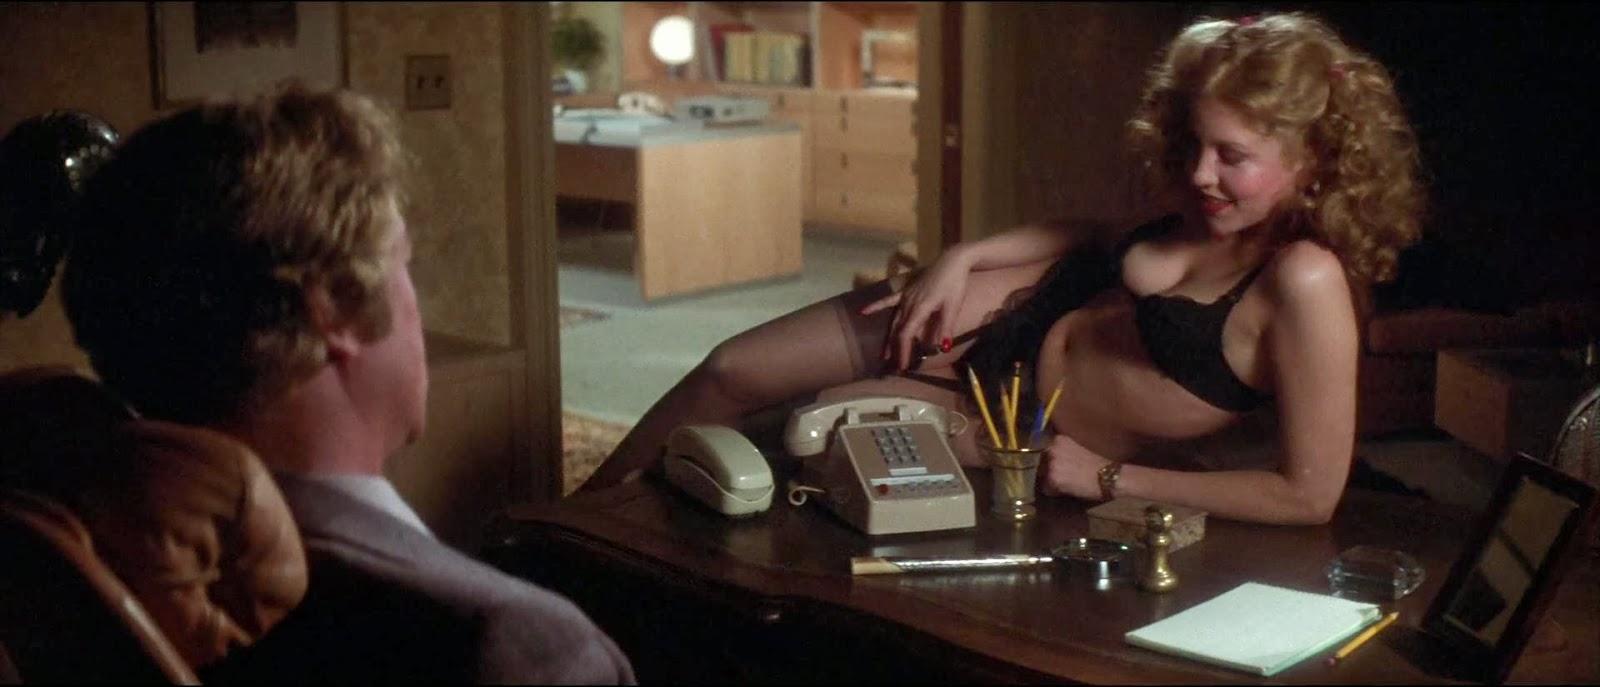 documental prostitutas badoo prostitutas